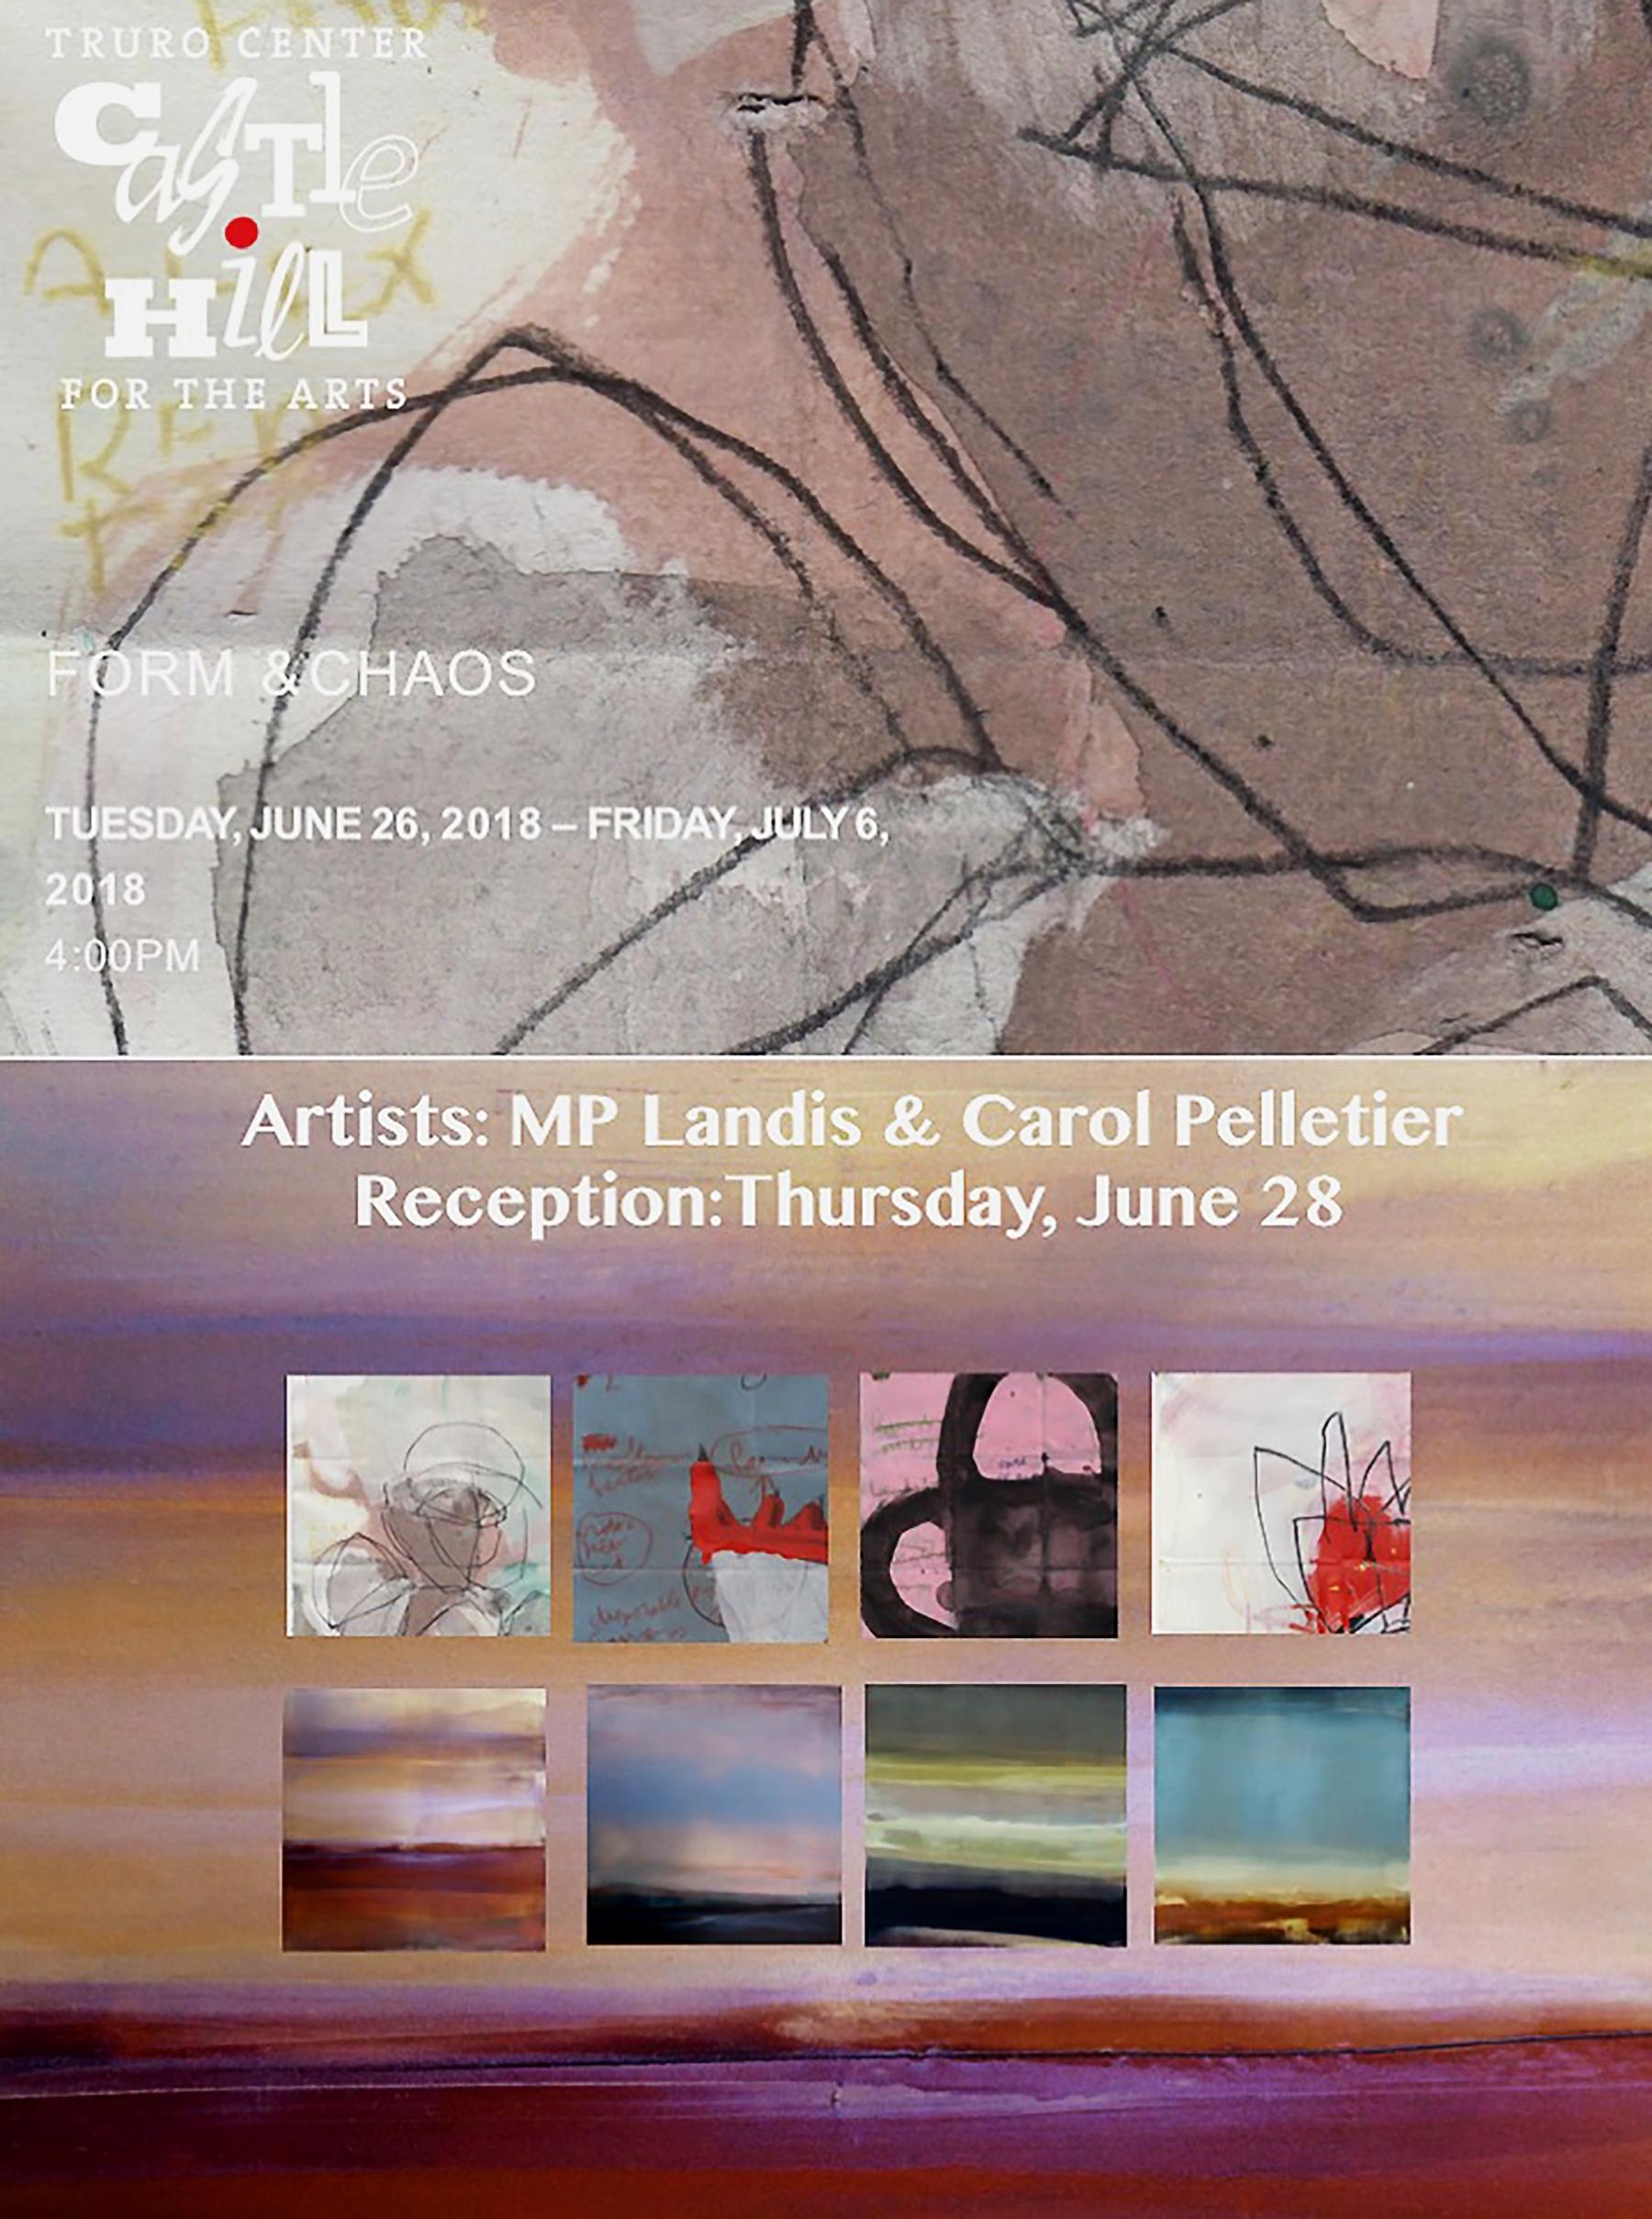 Carol_Pelletier_MP_Landis_exhibit